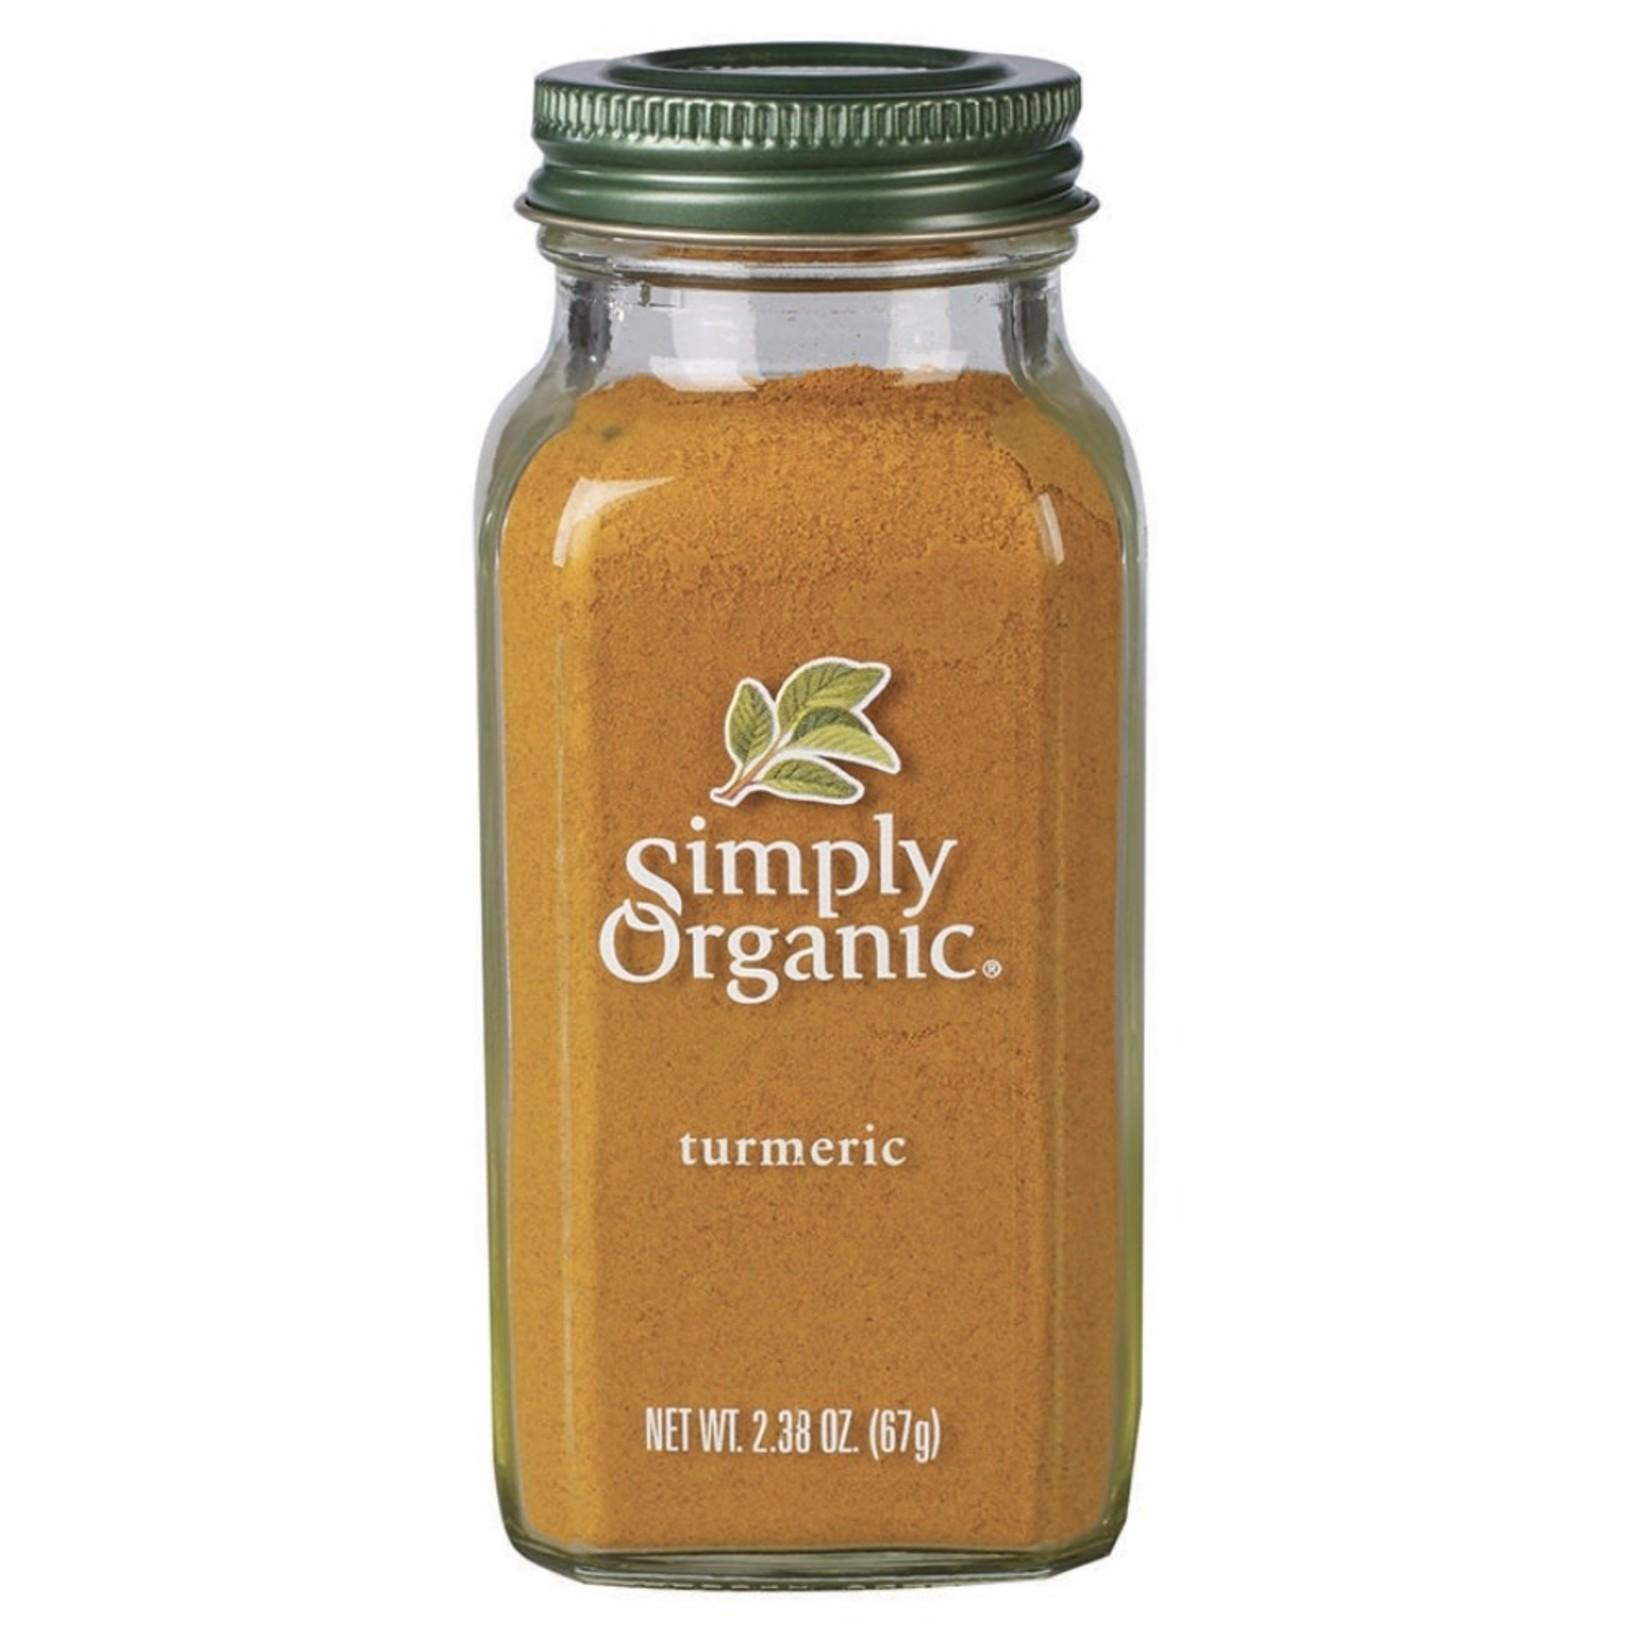 Simply Organic Simply Organic Turmeric 67g